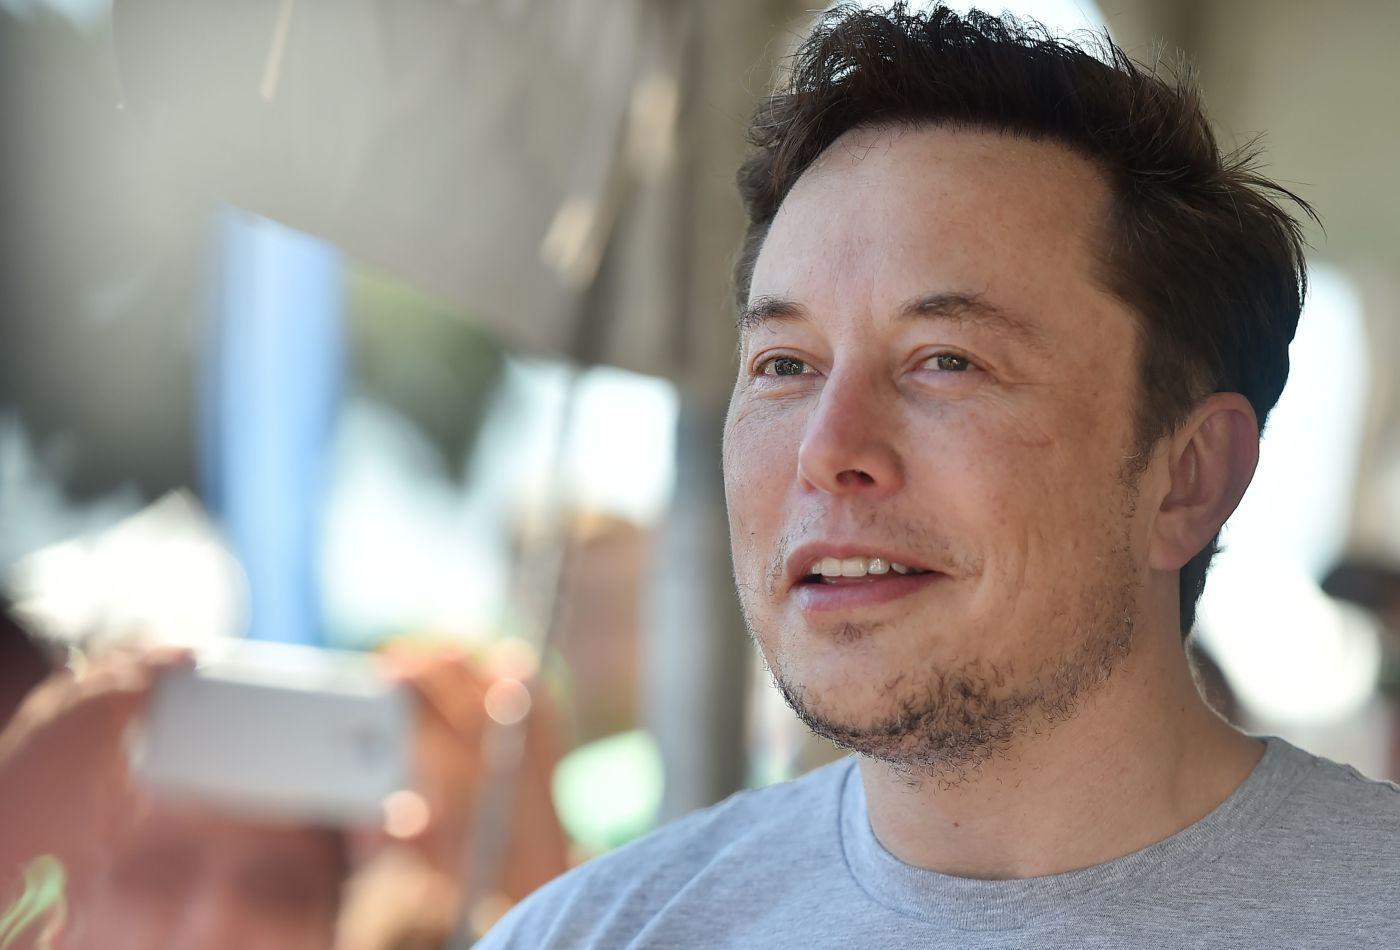 Elon Musk từng sống với 1 đô la một ngày và những bí mật thời thơ ấu của tỷ phú công nghệ Ảnh 1